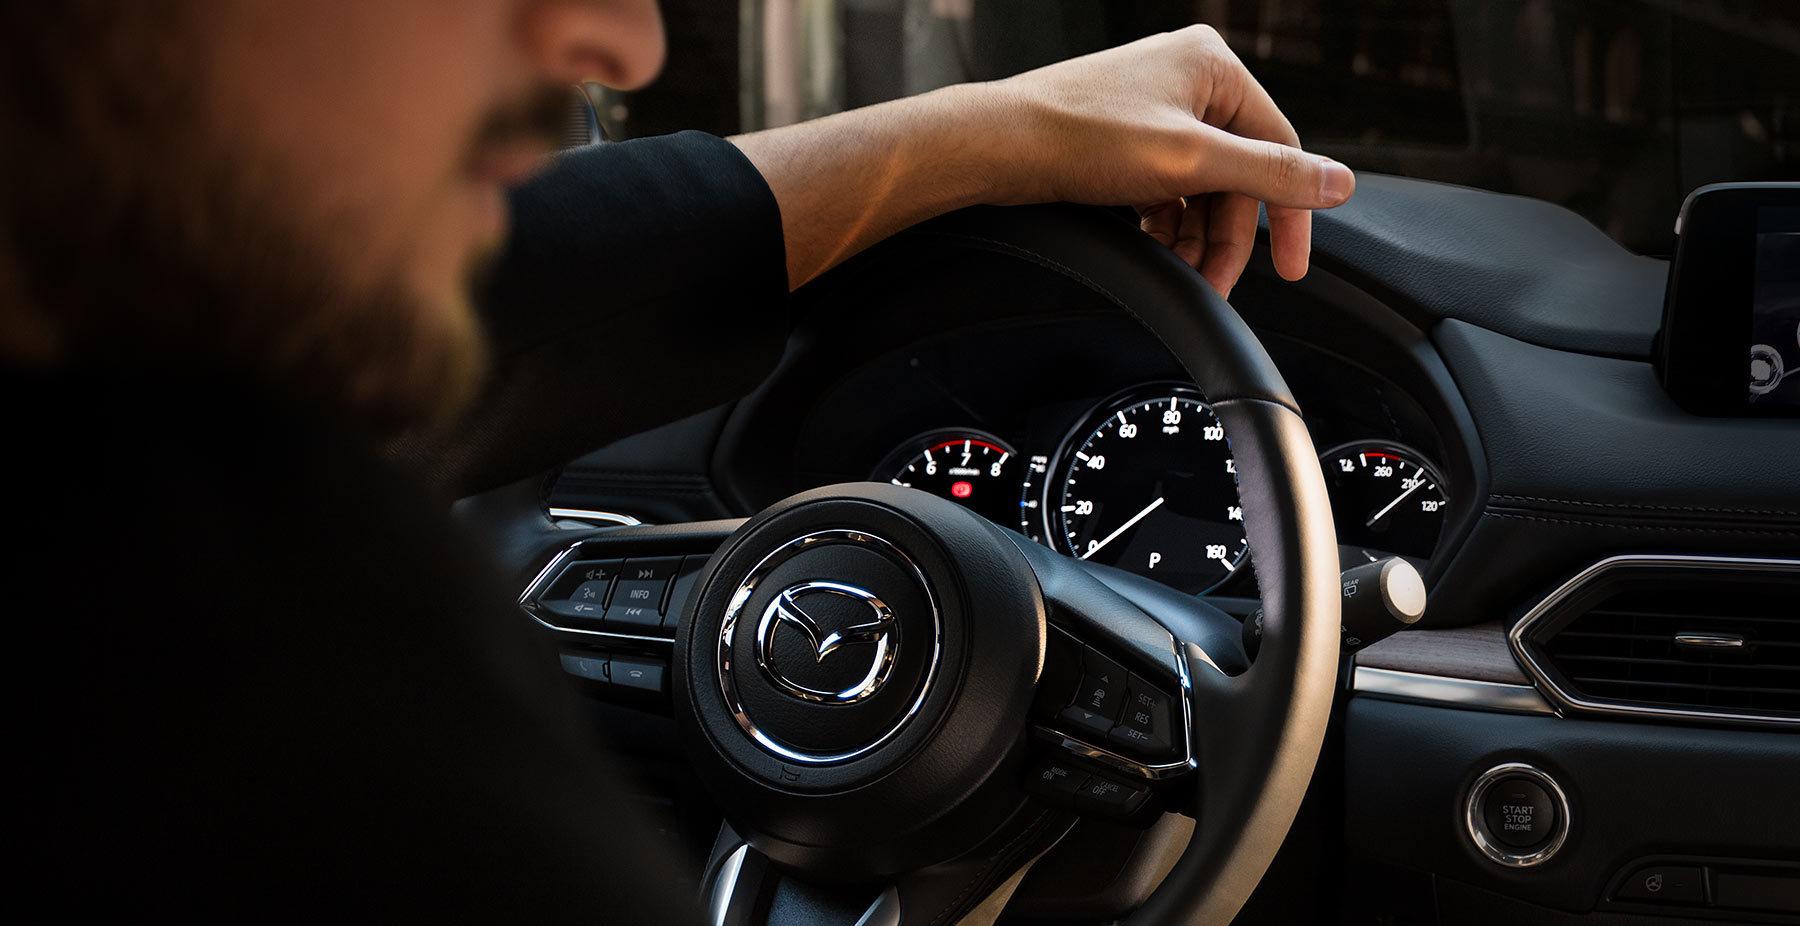 Stylish Design in the 2019 Mazda CX-5